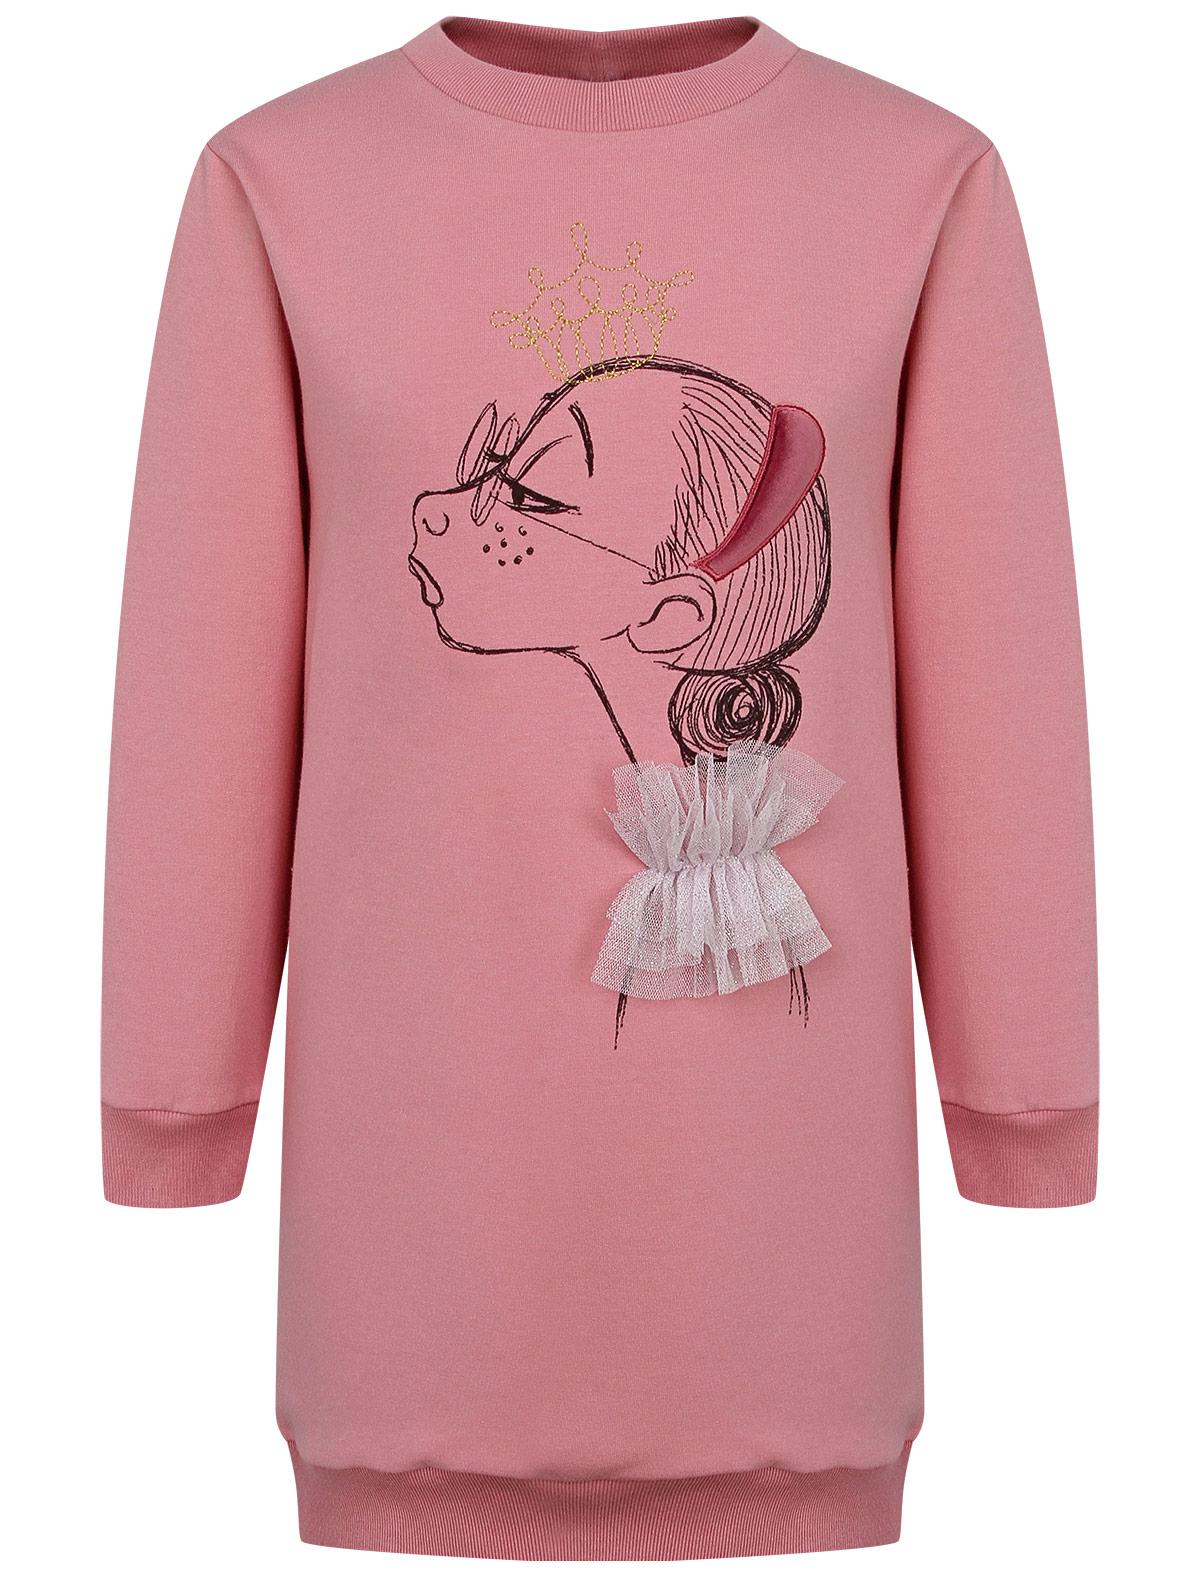 Купить 2244086, Платье Il Gufo, розовый, Женский, 1054609081600